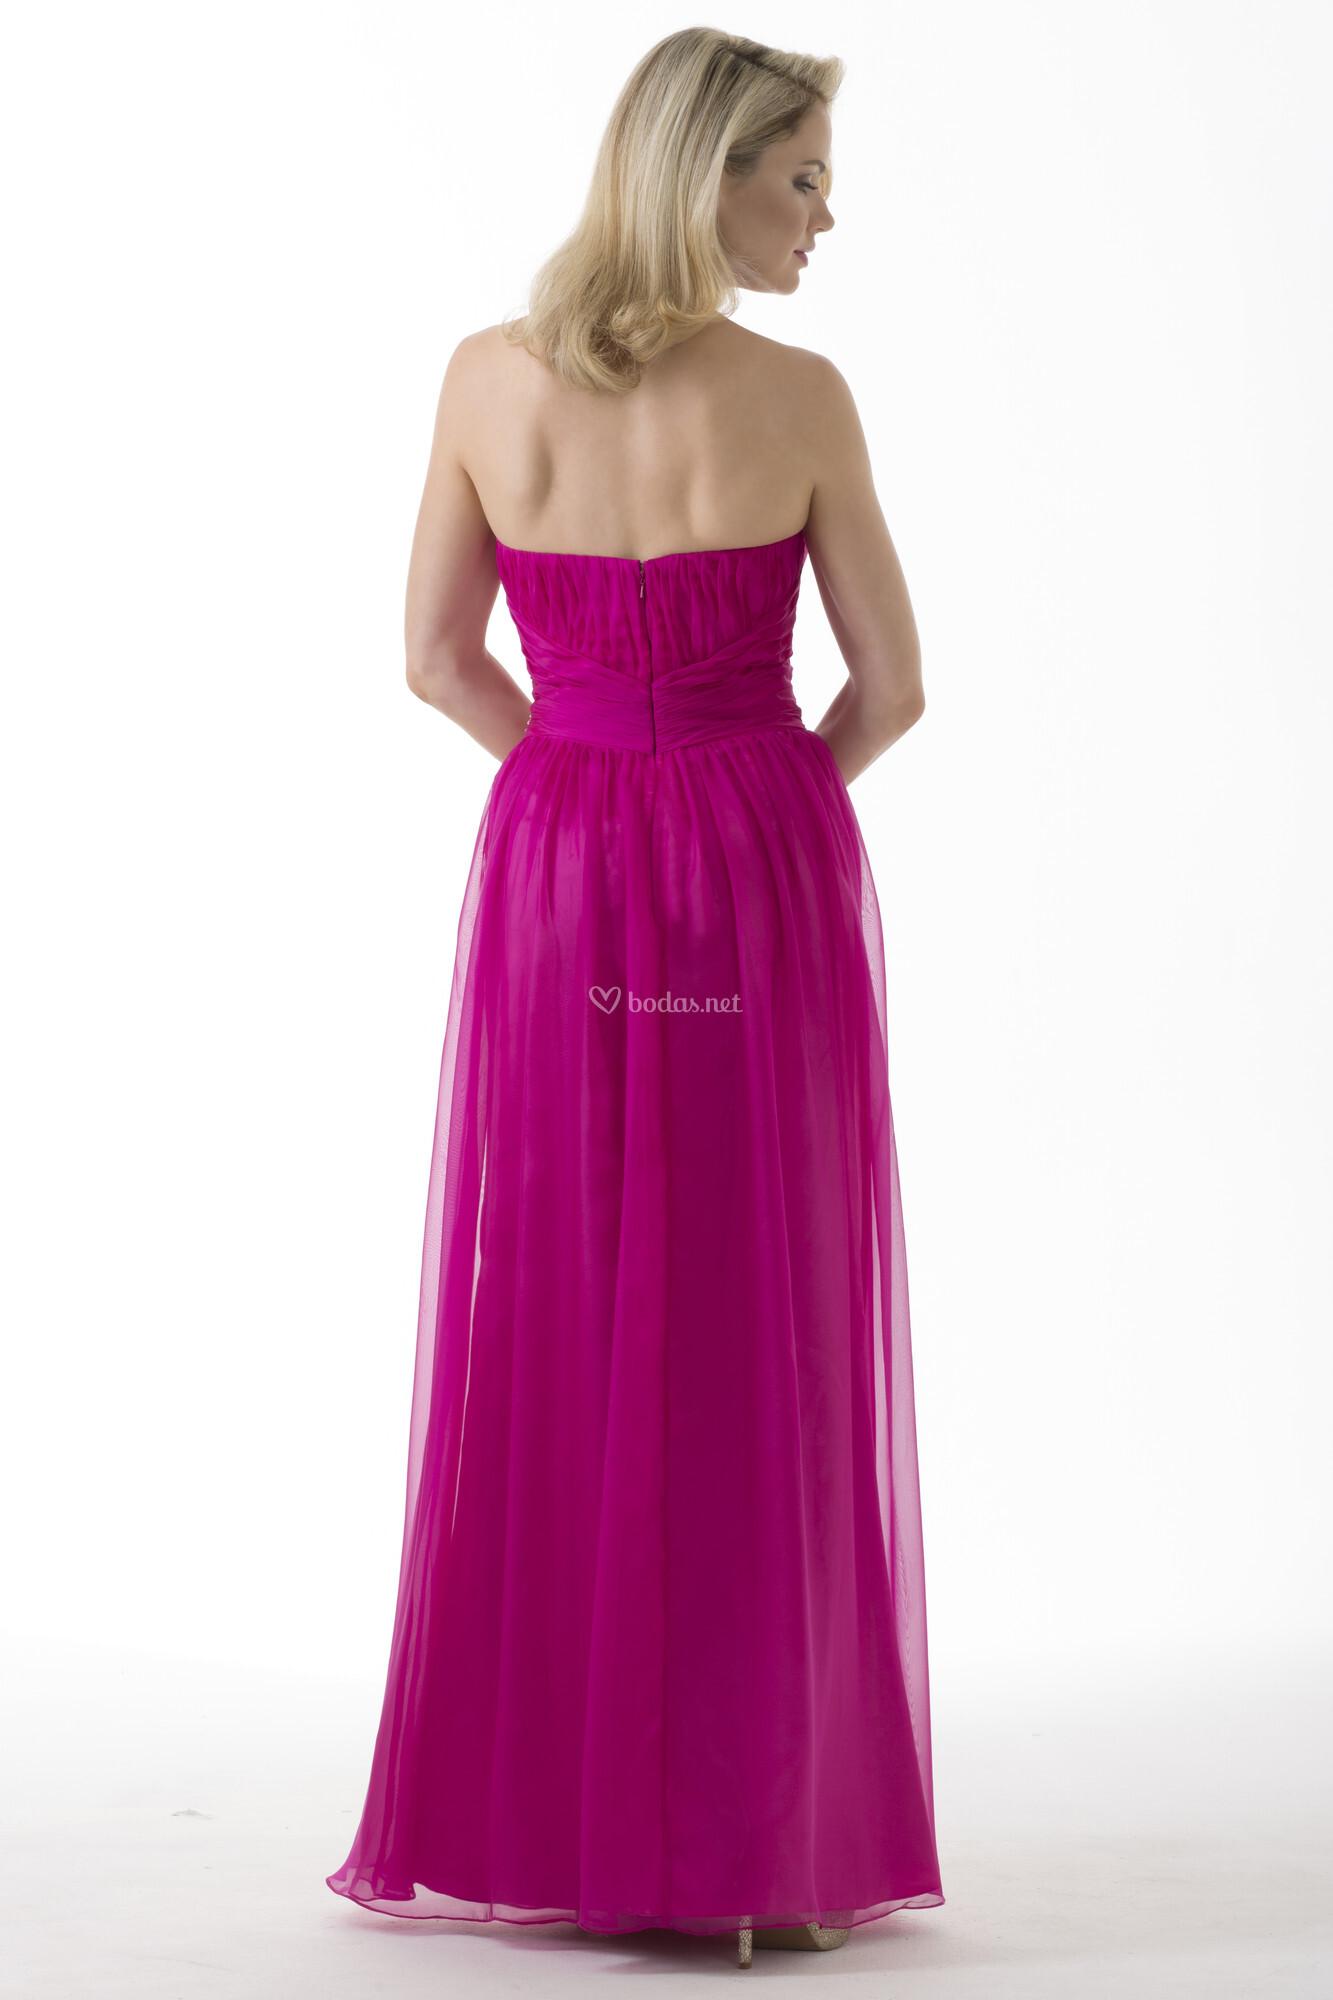 Moderno Venus Trajes De Novia Composición - Colección de Vestidos de ...